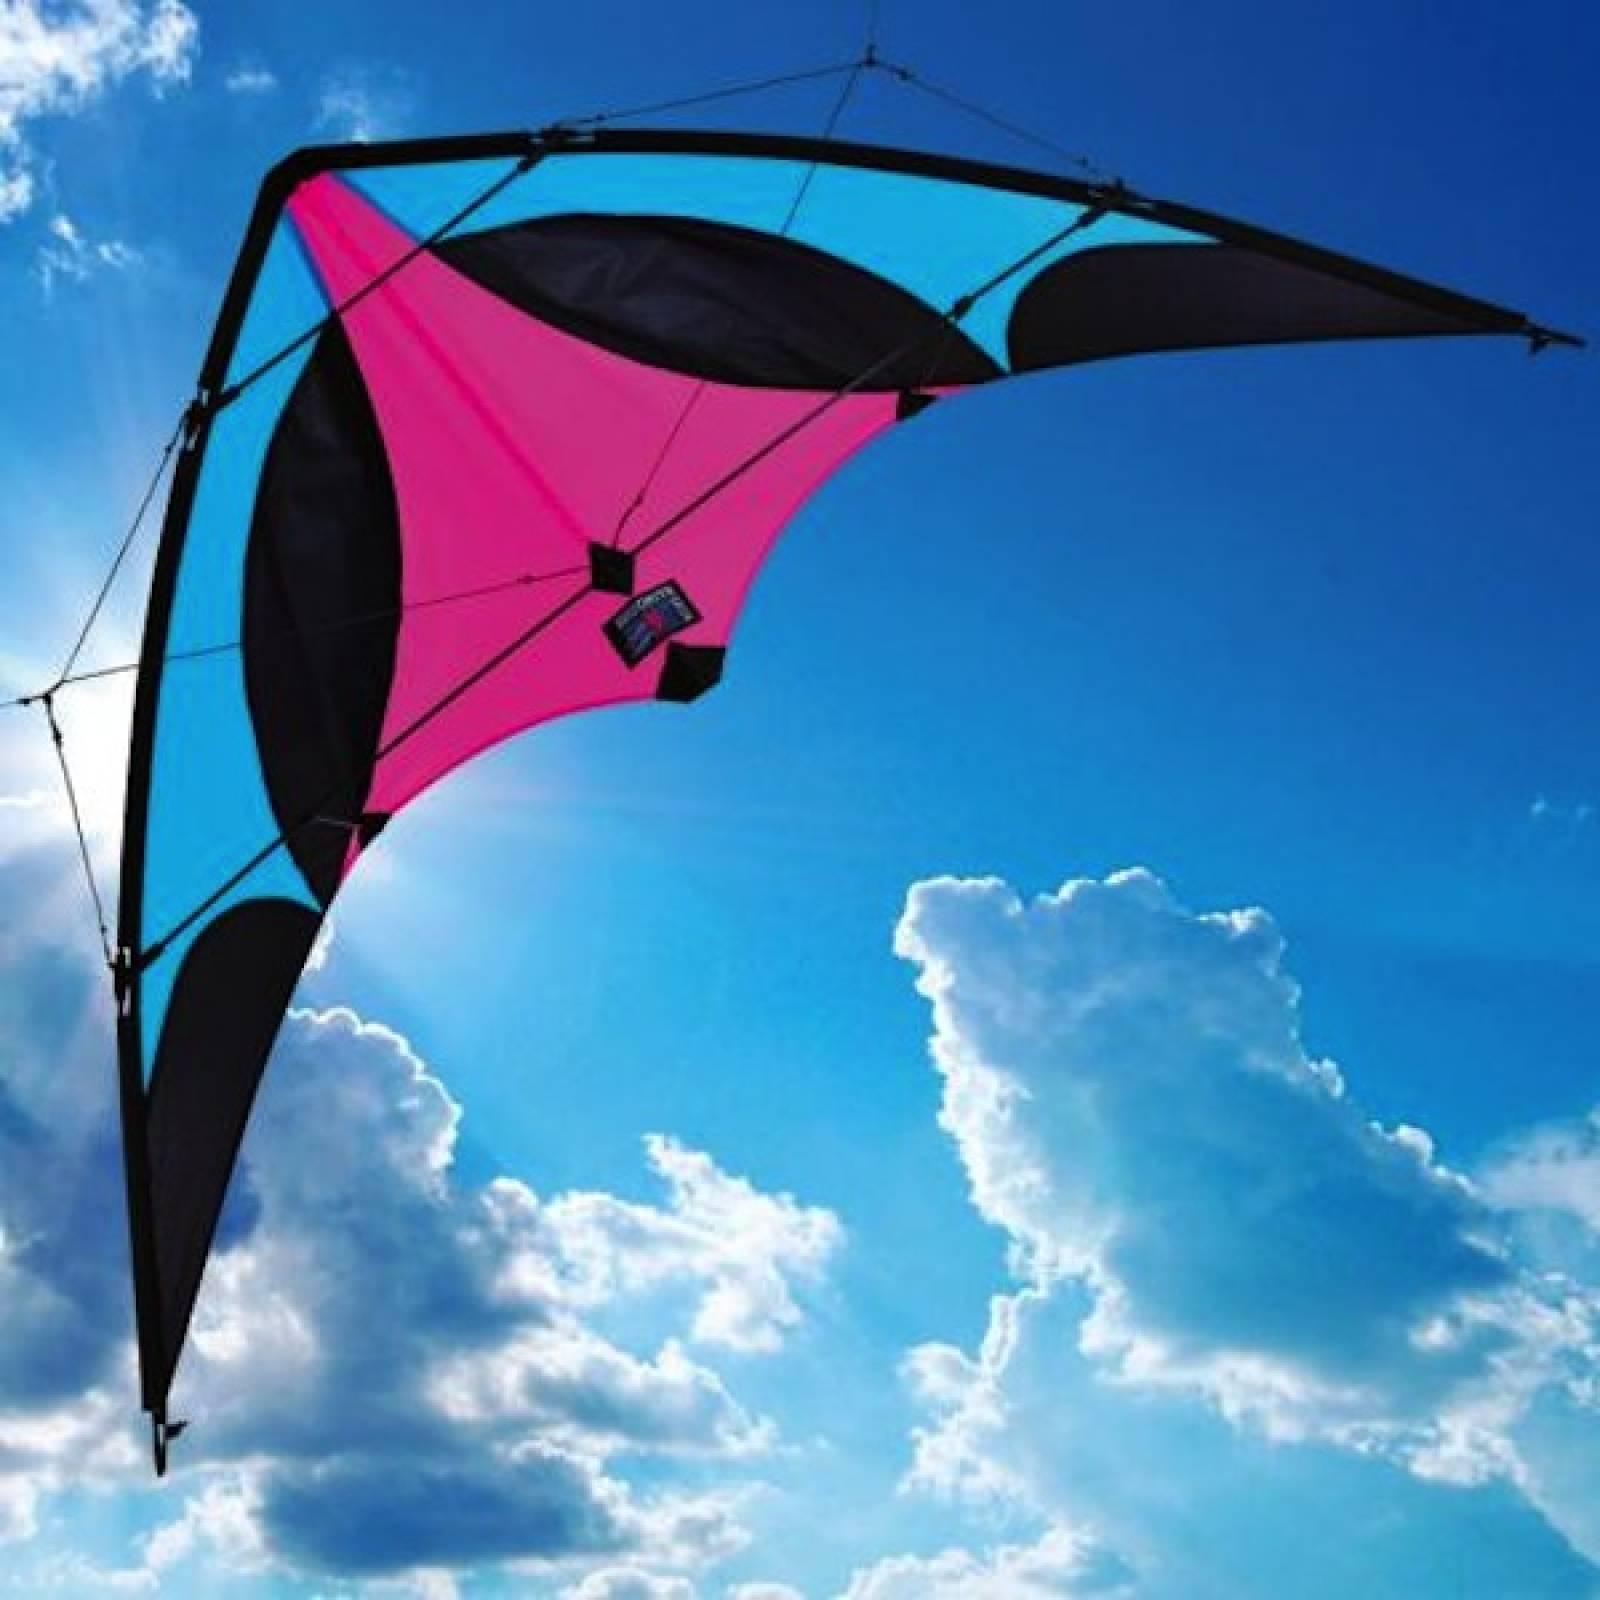 Silverline Dual Line Sports Kite (H)94cm x (W)183cm